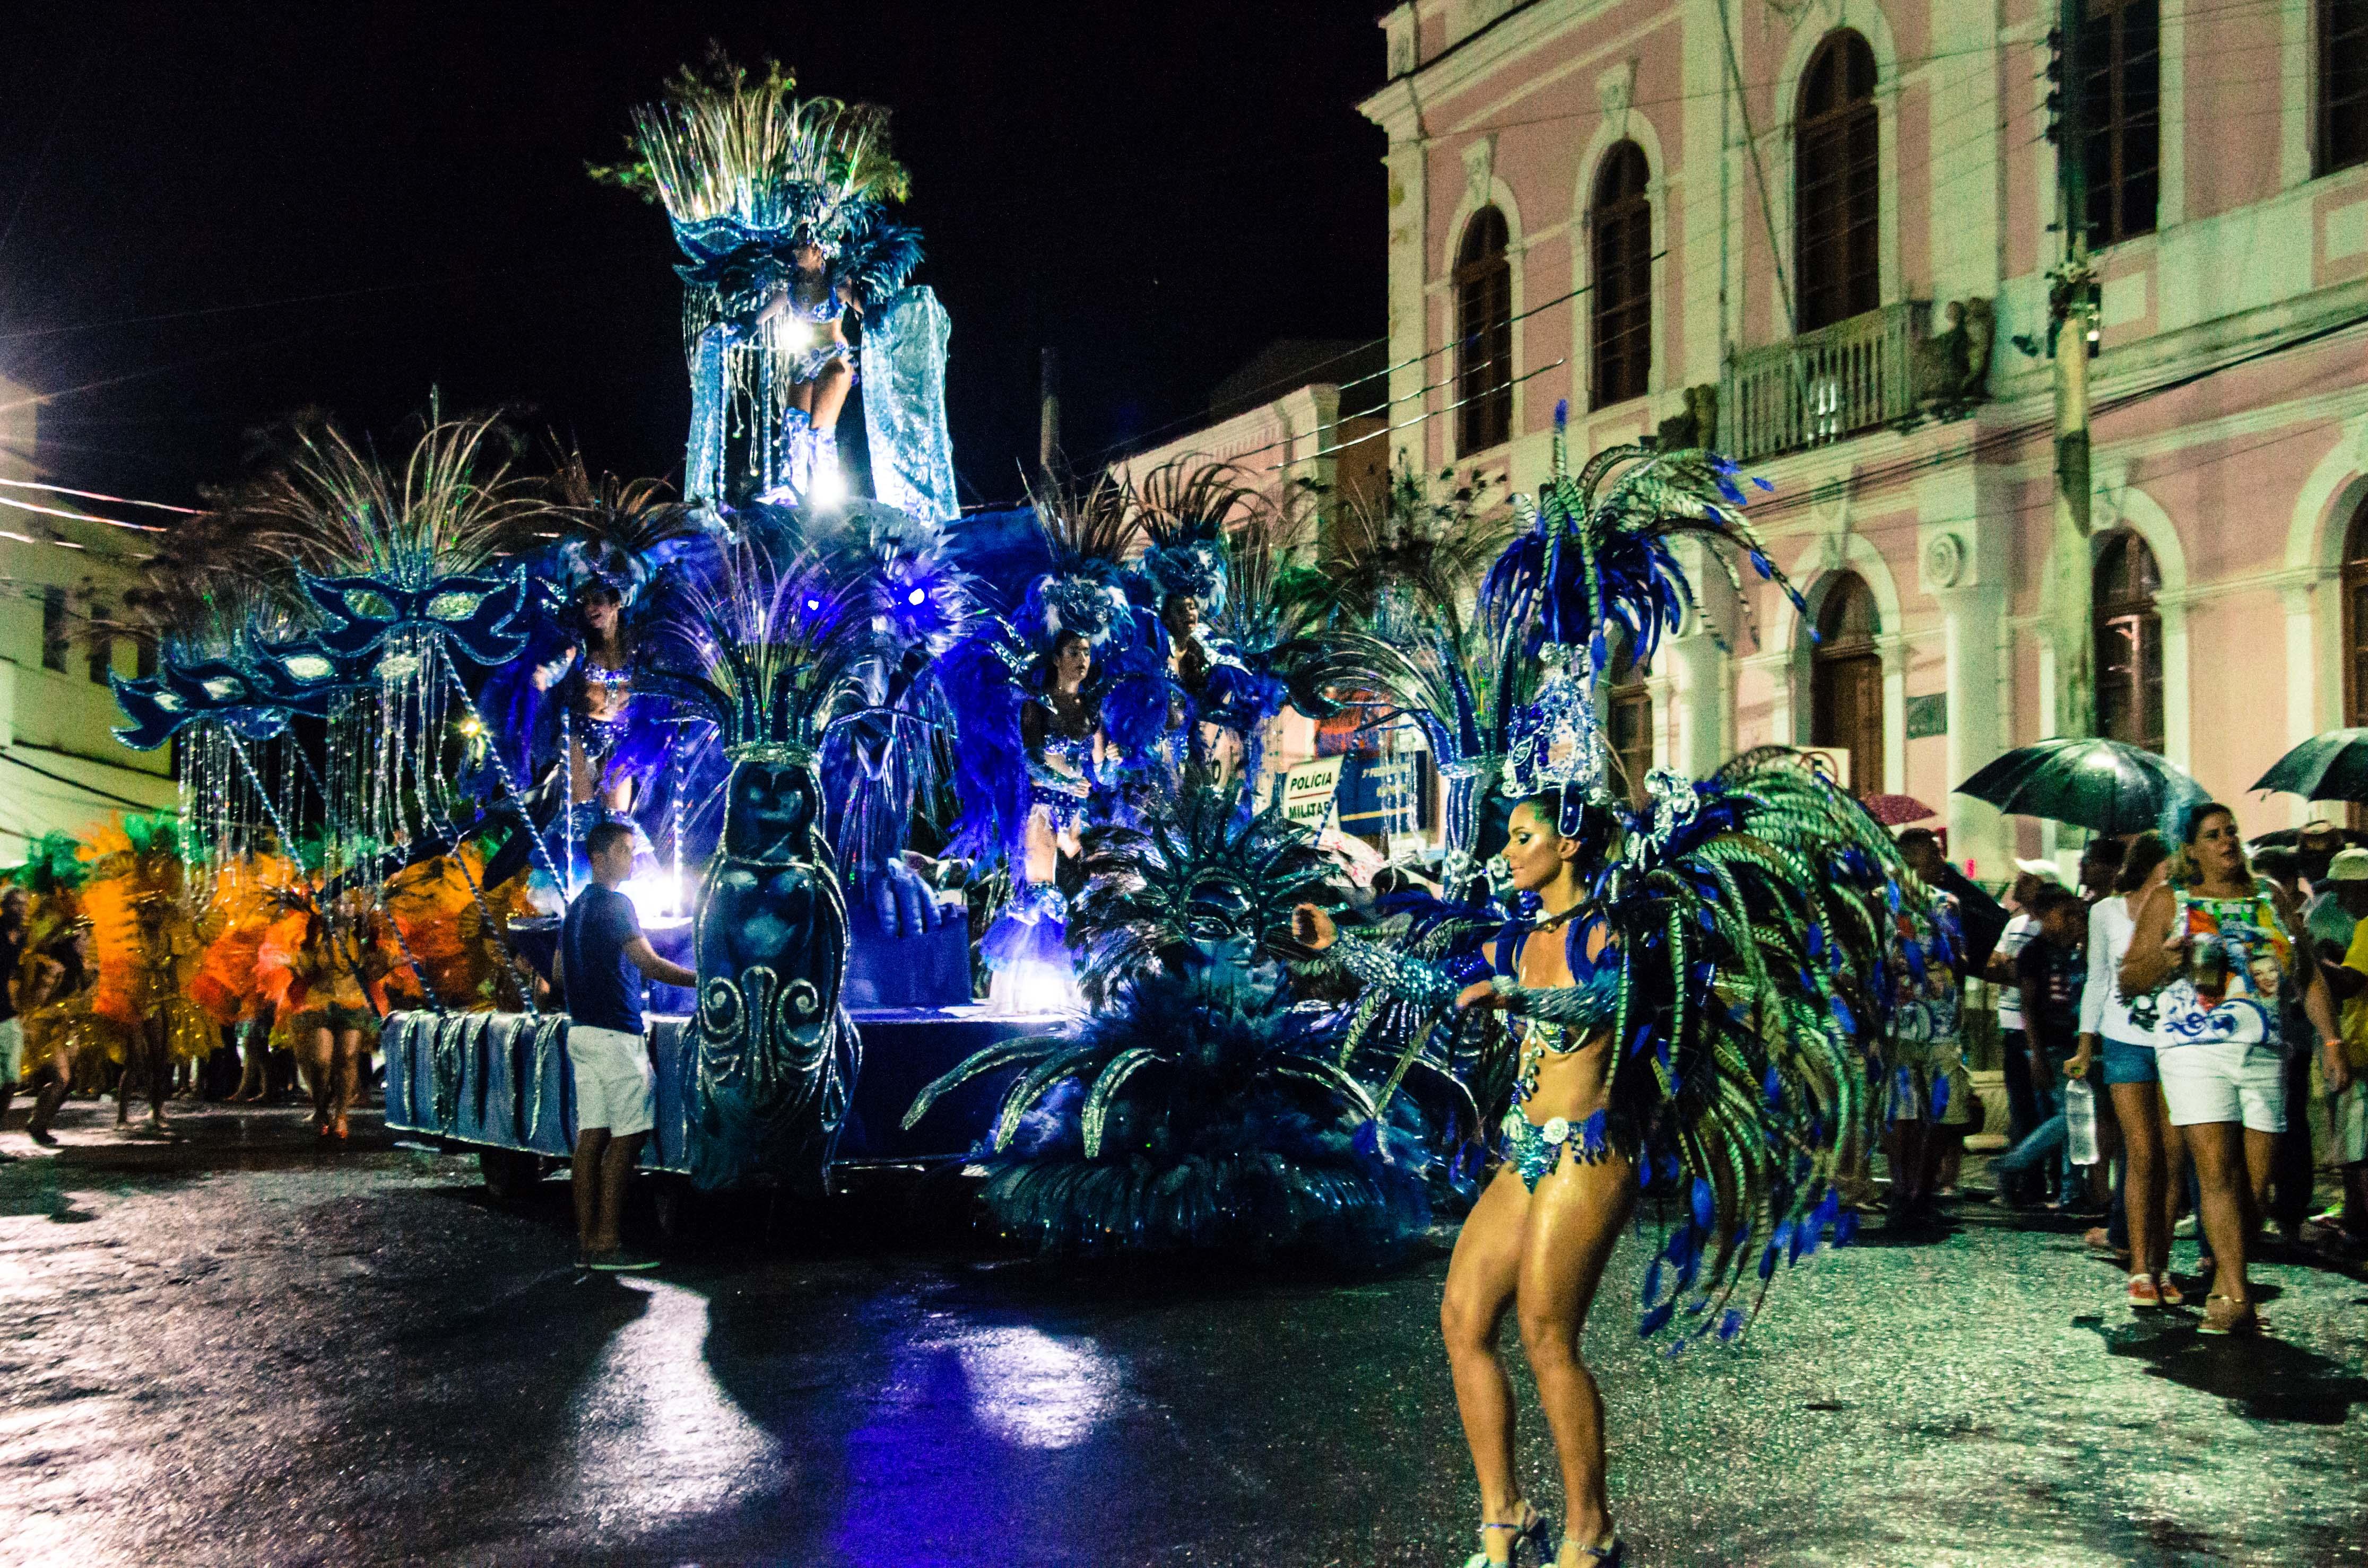 Brasil - Carnaval